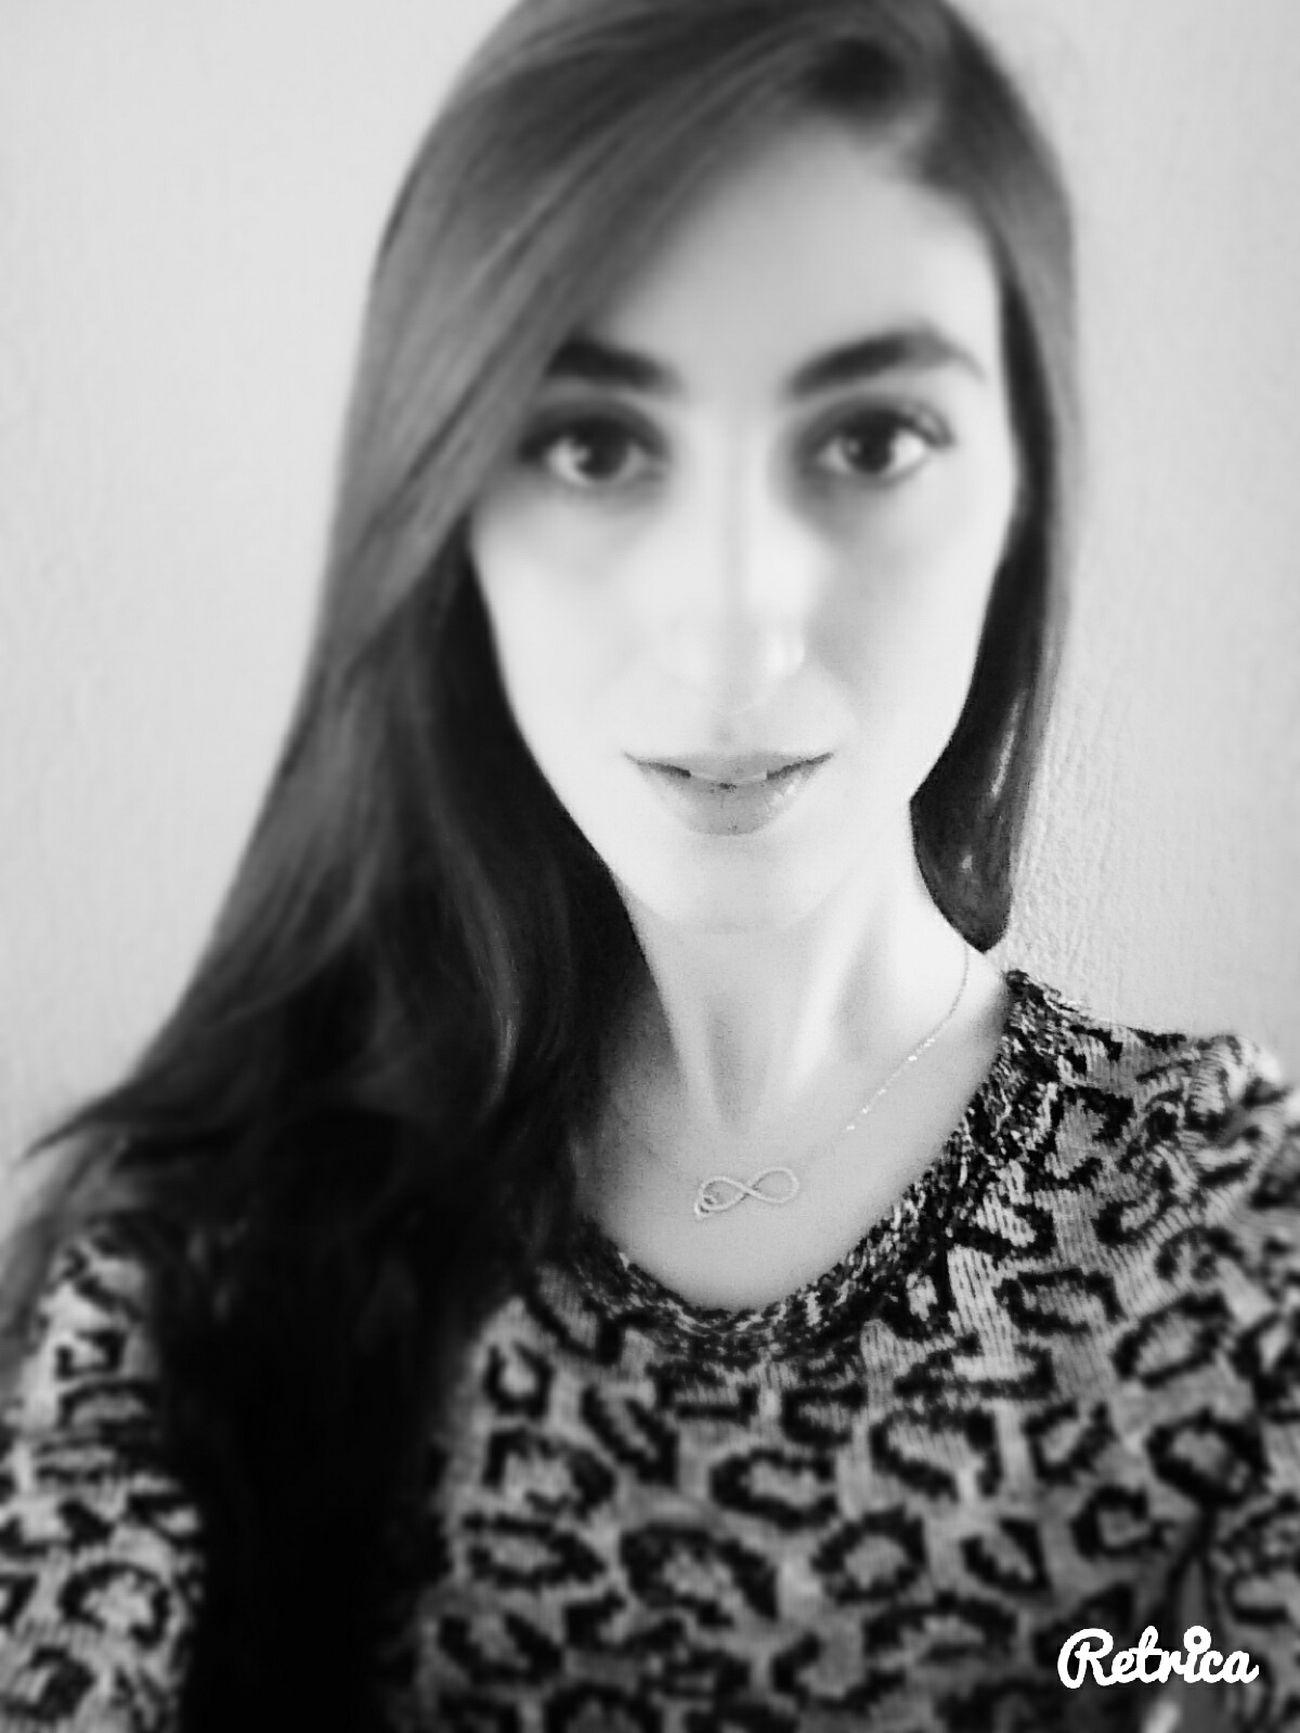 Siyah Giyen Kadınları Daha Cok Sevin çünkü Onların Renkleri Yüreklerindesaklıdır black&white